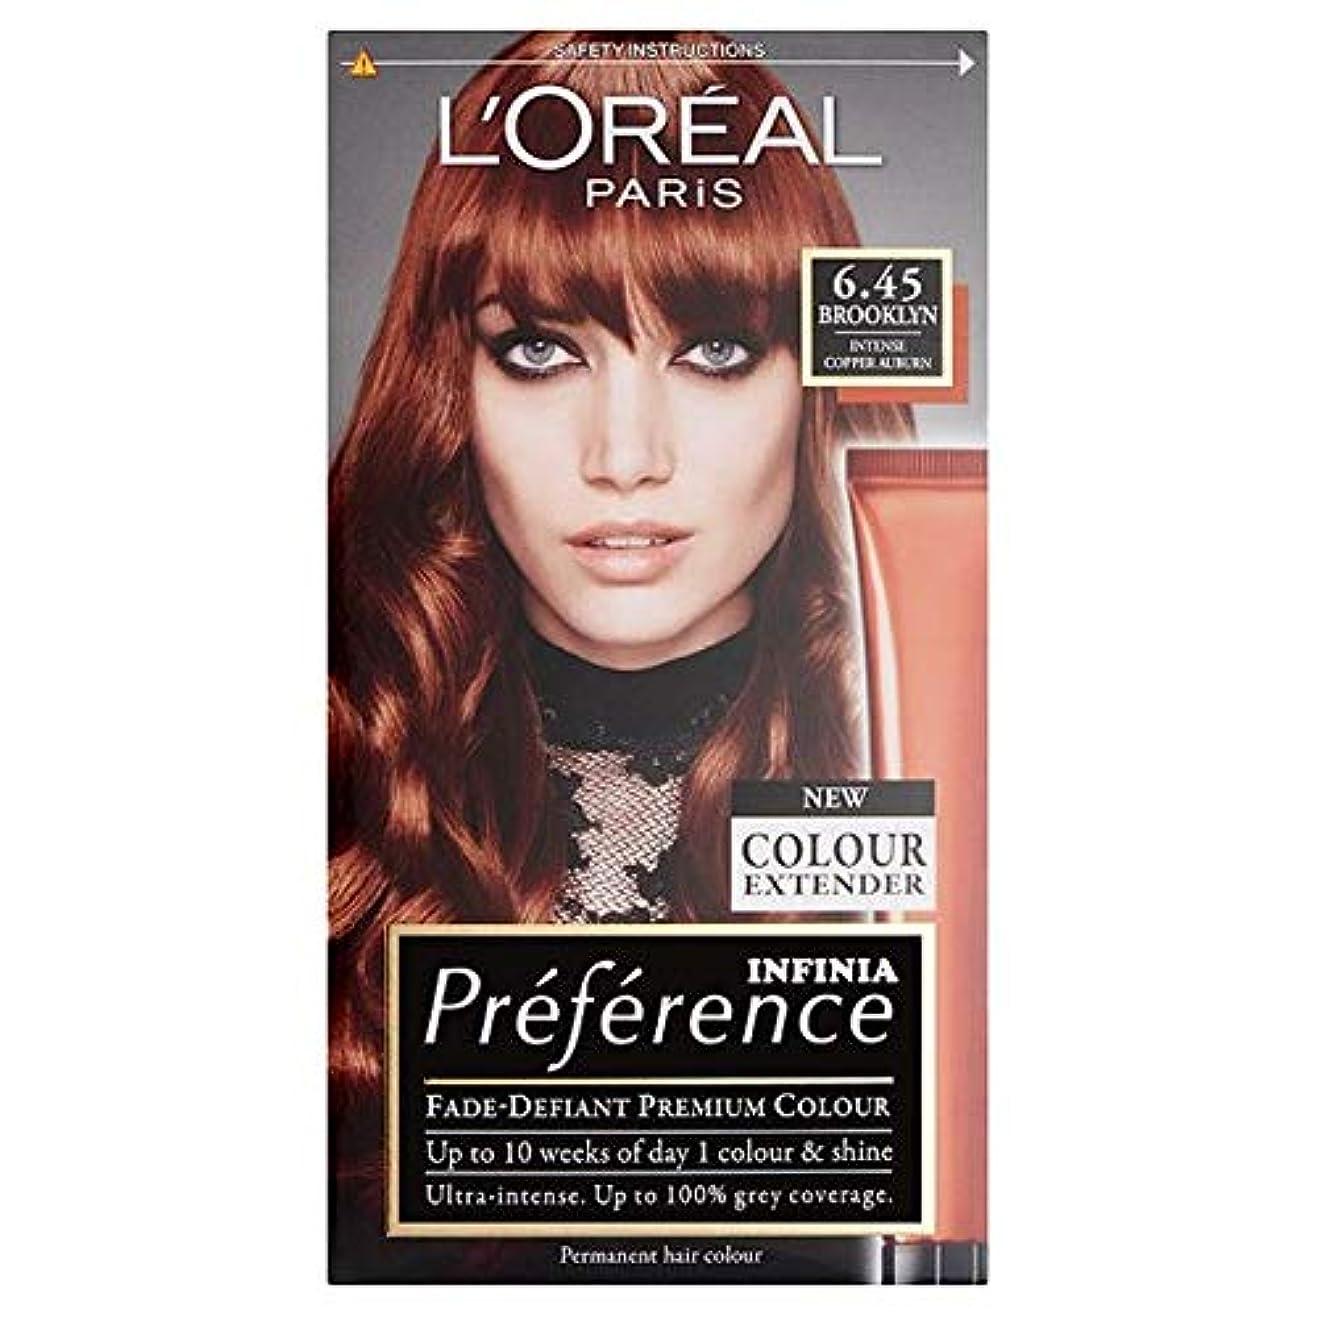 振りかけるオピエート作る[Preference] ロレアルパリ優先6.45銅赤褐色 - L'oreal Paris Preference 6.45 Copper Auburn [並行輸入品]